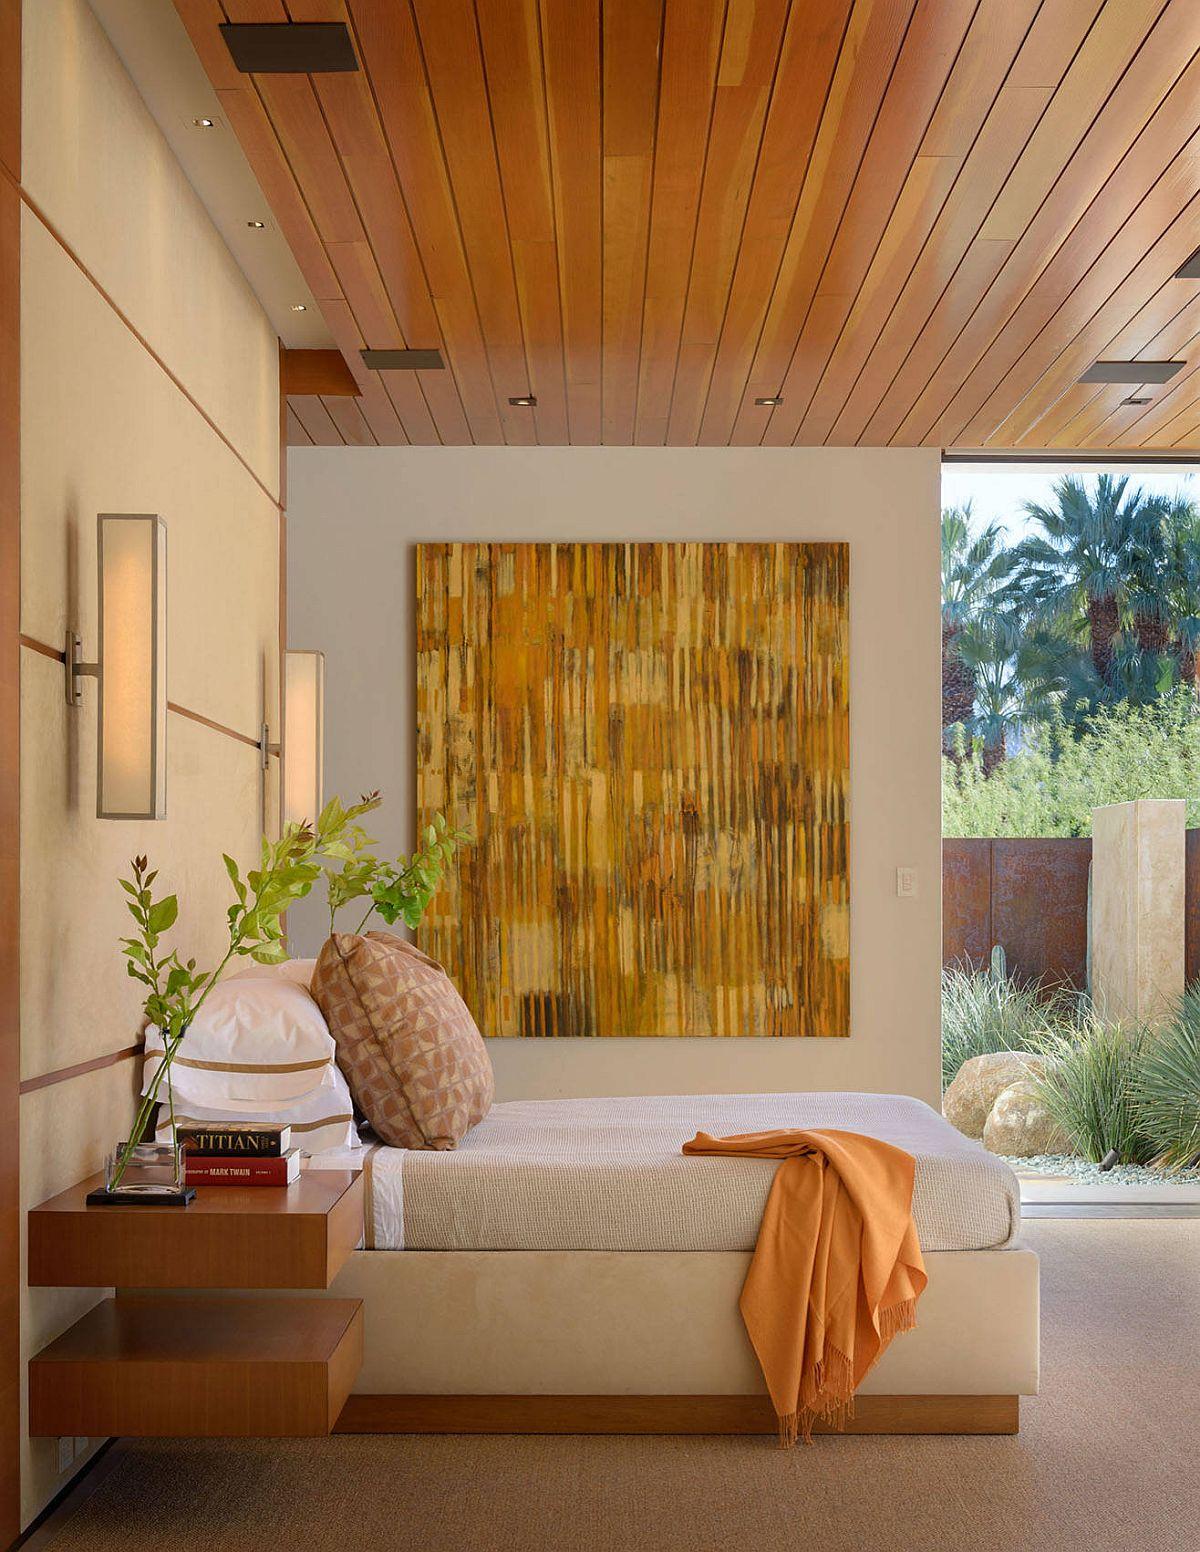 Xu hướng thiết kế phòng ngủ được ưa chuộng nhất trong những tháng đầu năm 2021 - Ảnh 6.